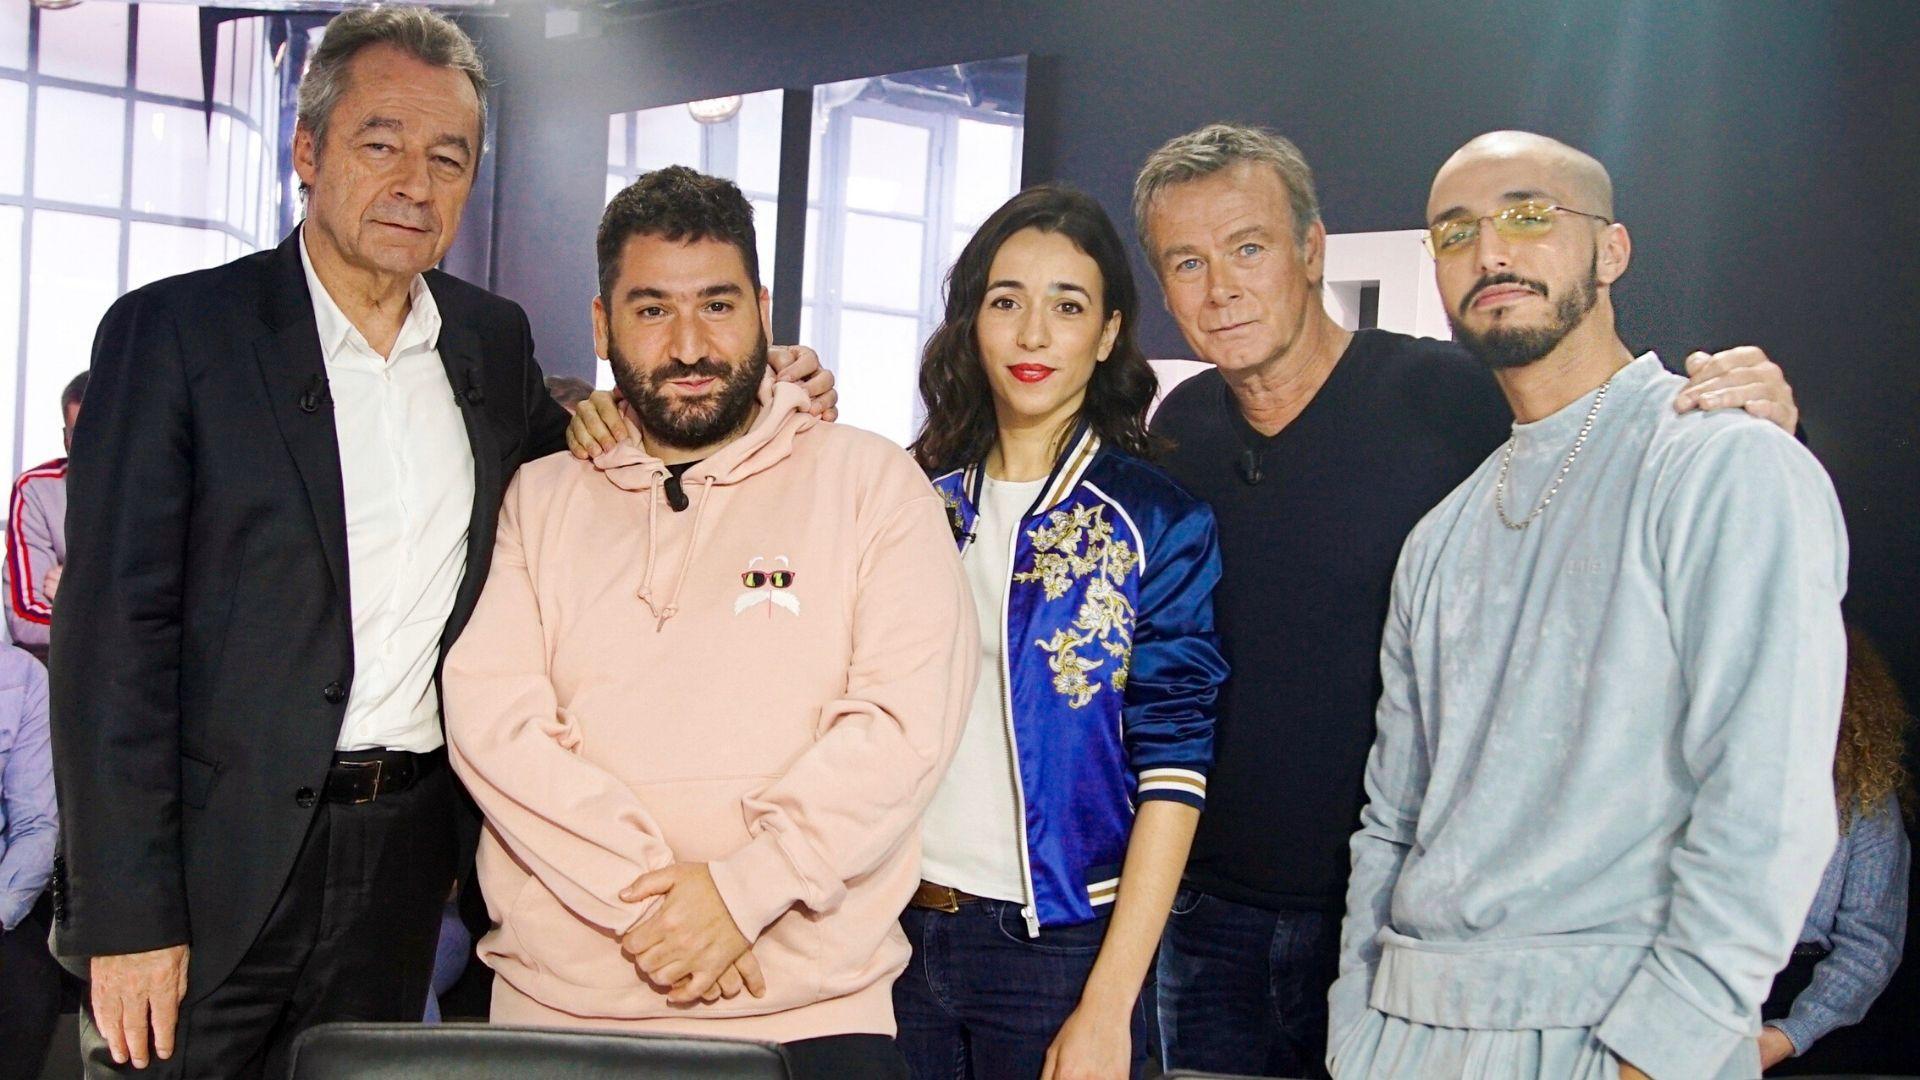 Michel Denisot, Franck Dubosc, Sophie Mourousi et Tawsen parlent télé dans Clique